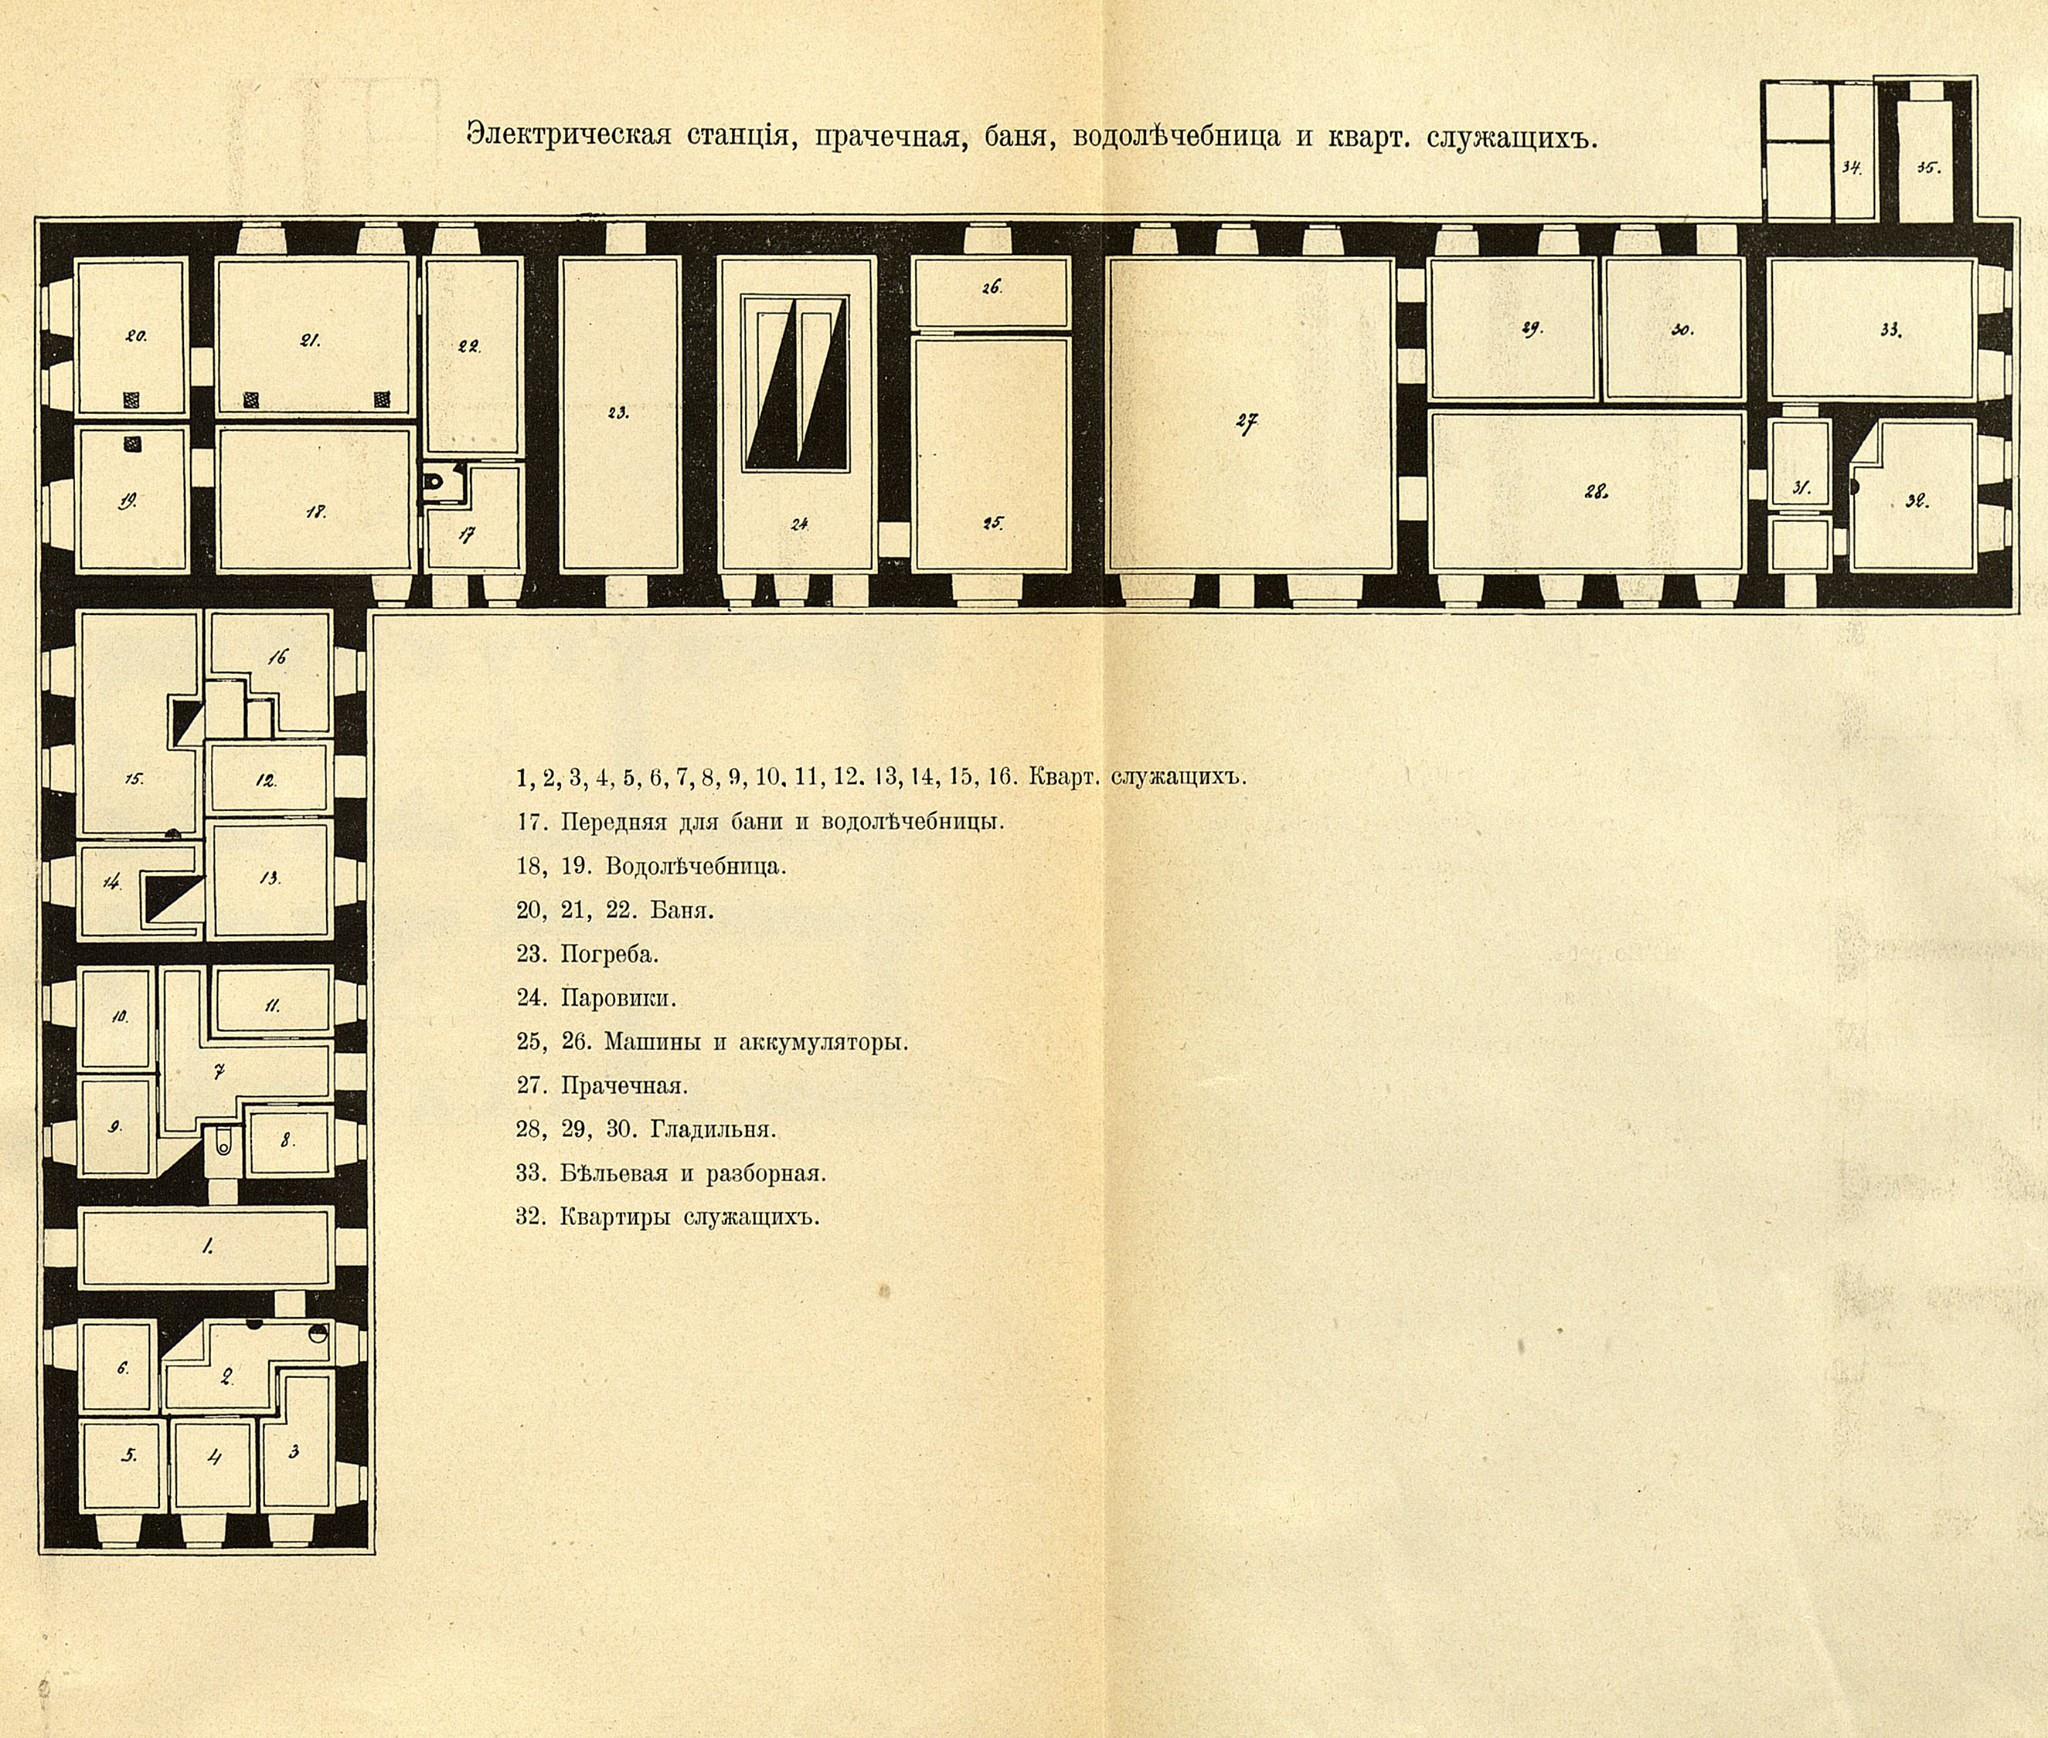 36. Электрическая станция, прачечная, баня, водолечебница и квартиры служащих